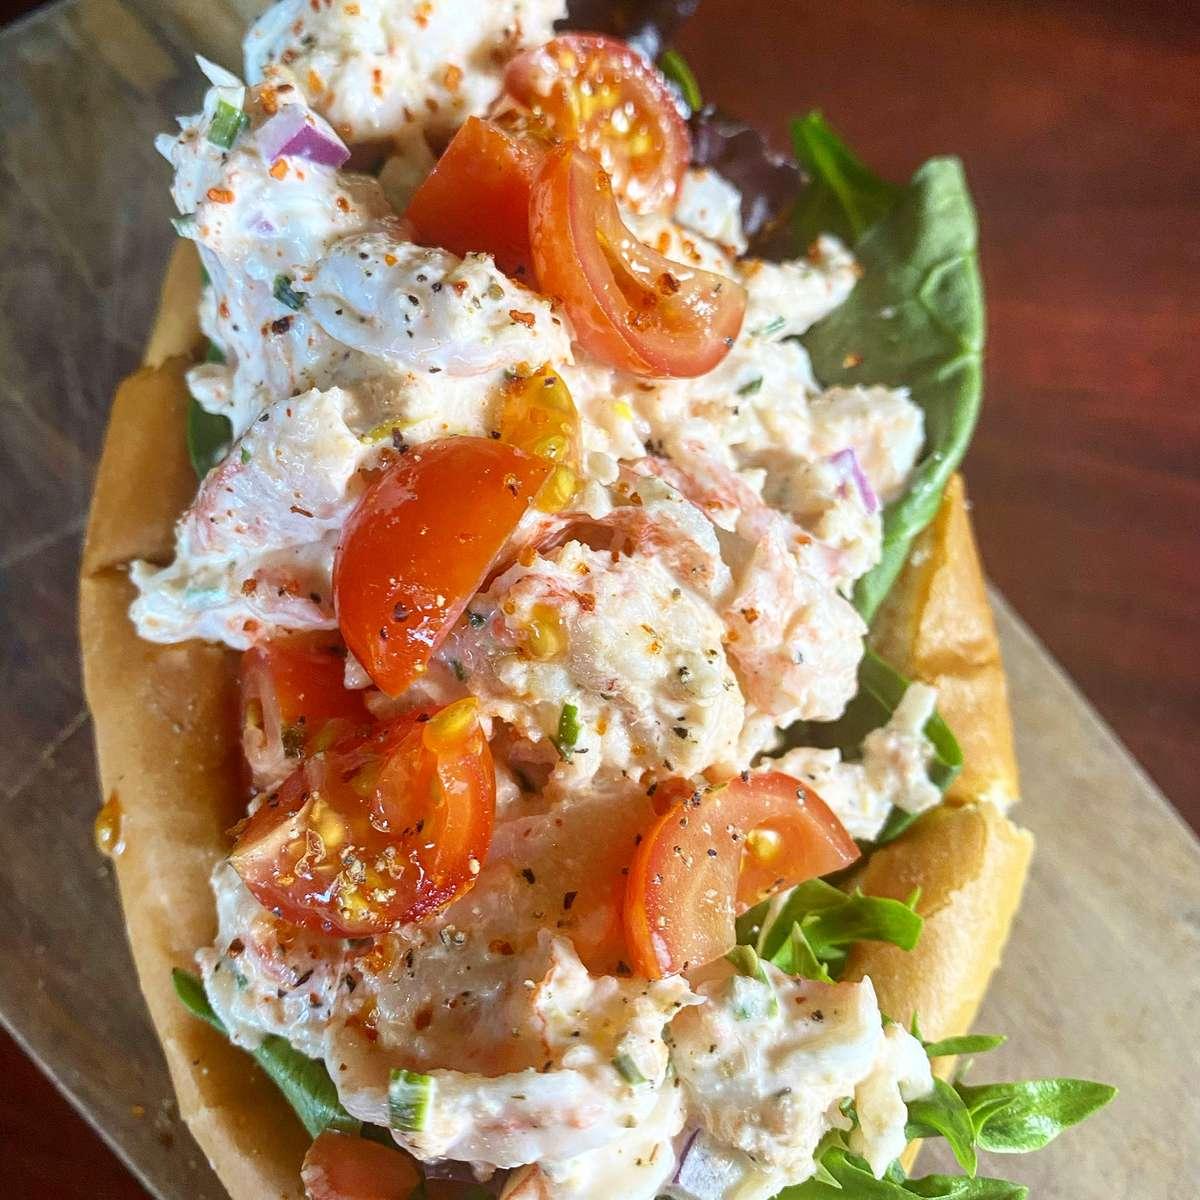 Shrimp & Lobster Roll